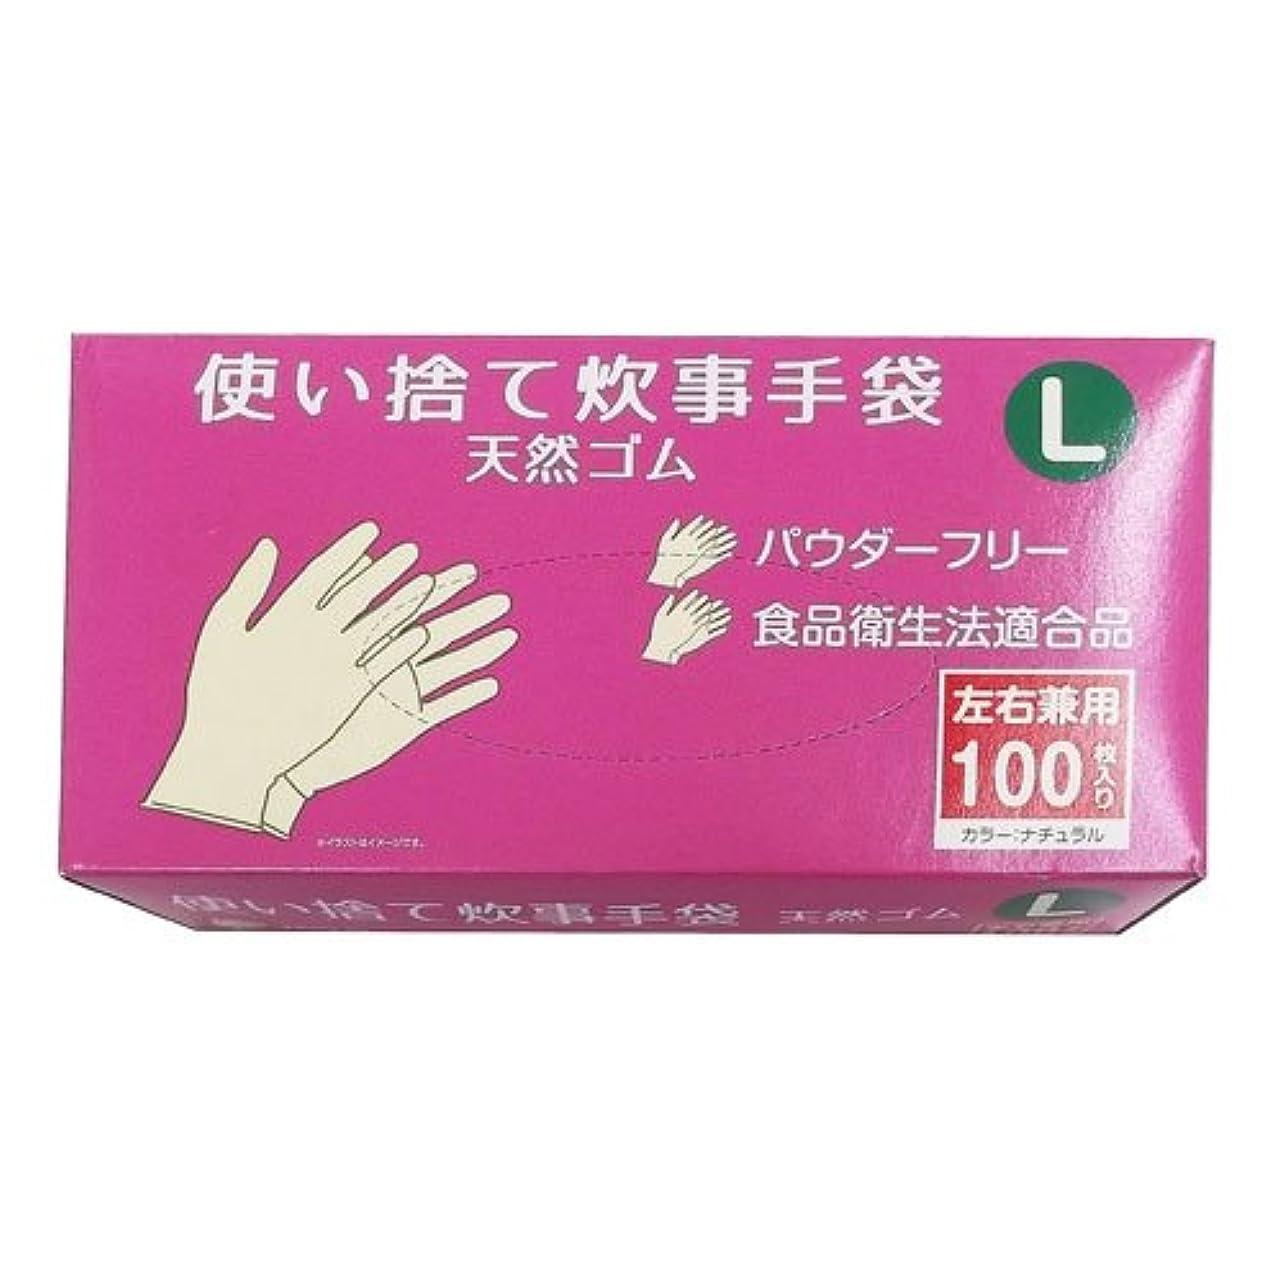 アクセシブル公平シンジケートコーナンオリジナル 使い捨て 炊事手袋 天然ゴム 100枚入り L